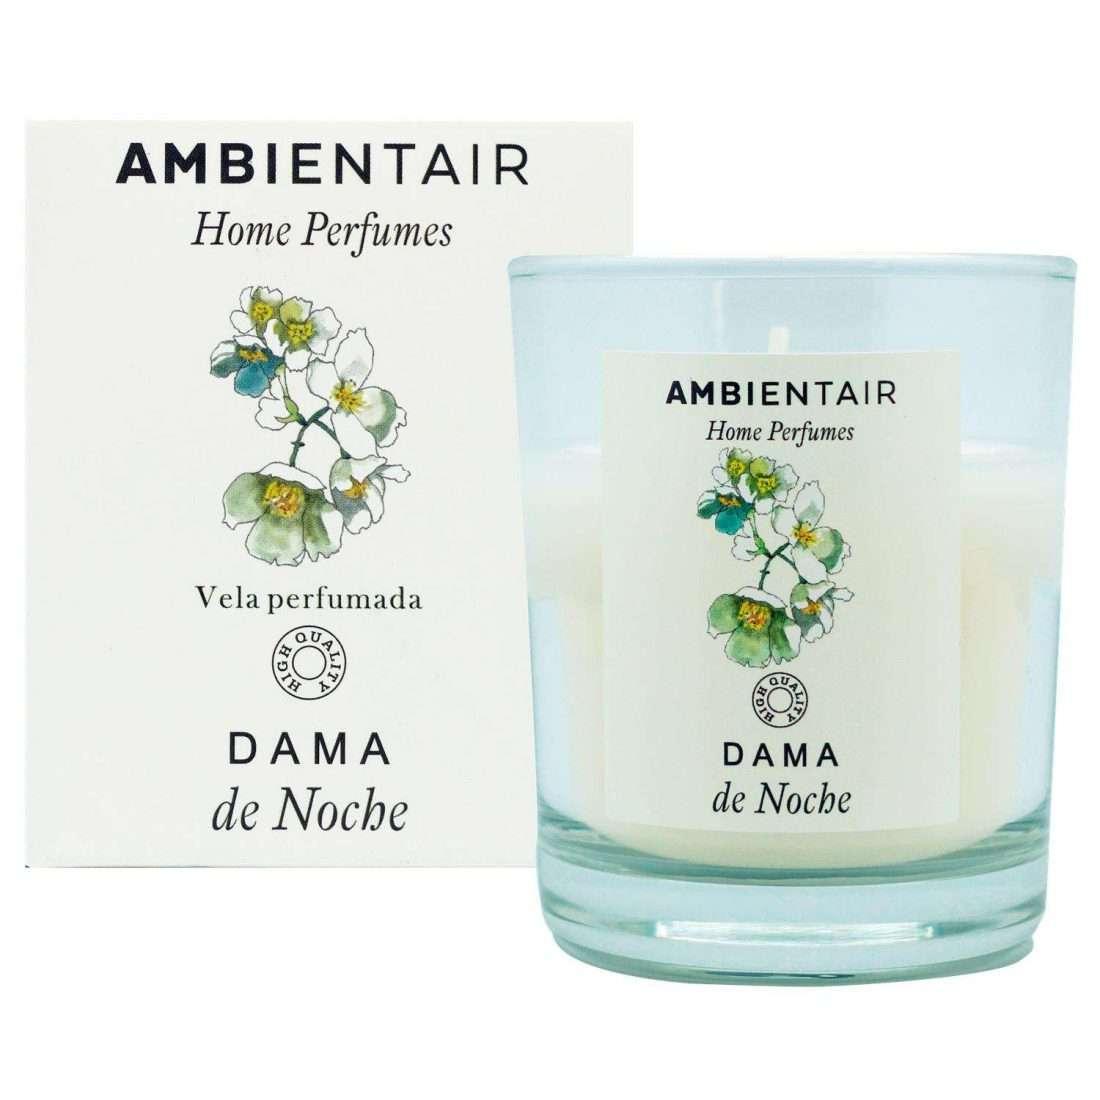 8435474420108 Vela 30 H Home Perfume Dn Estuche Y Vaso 2